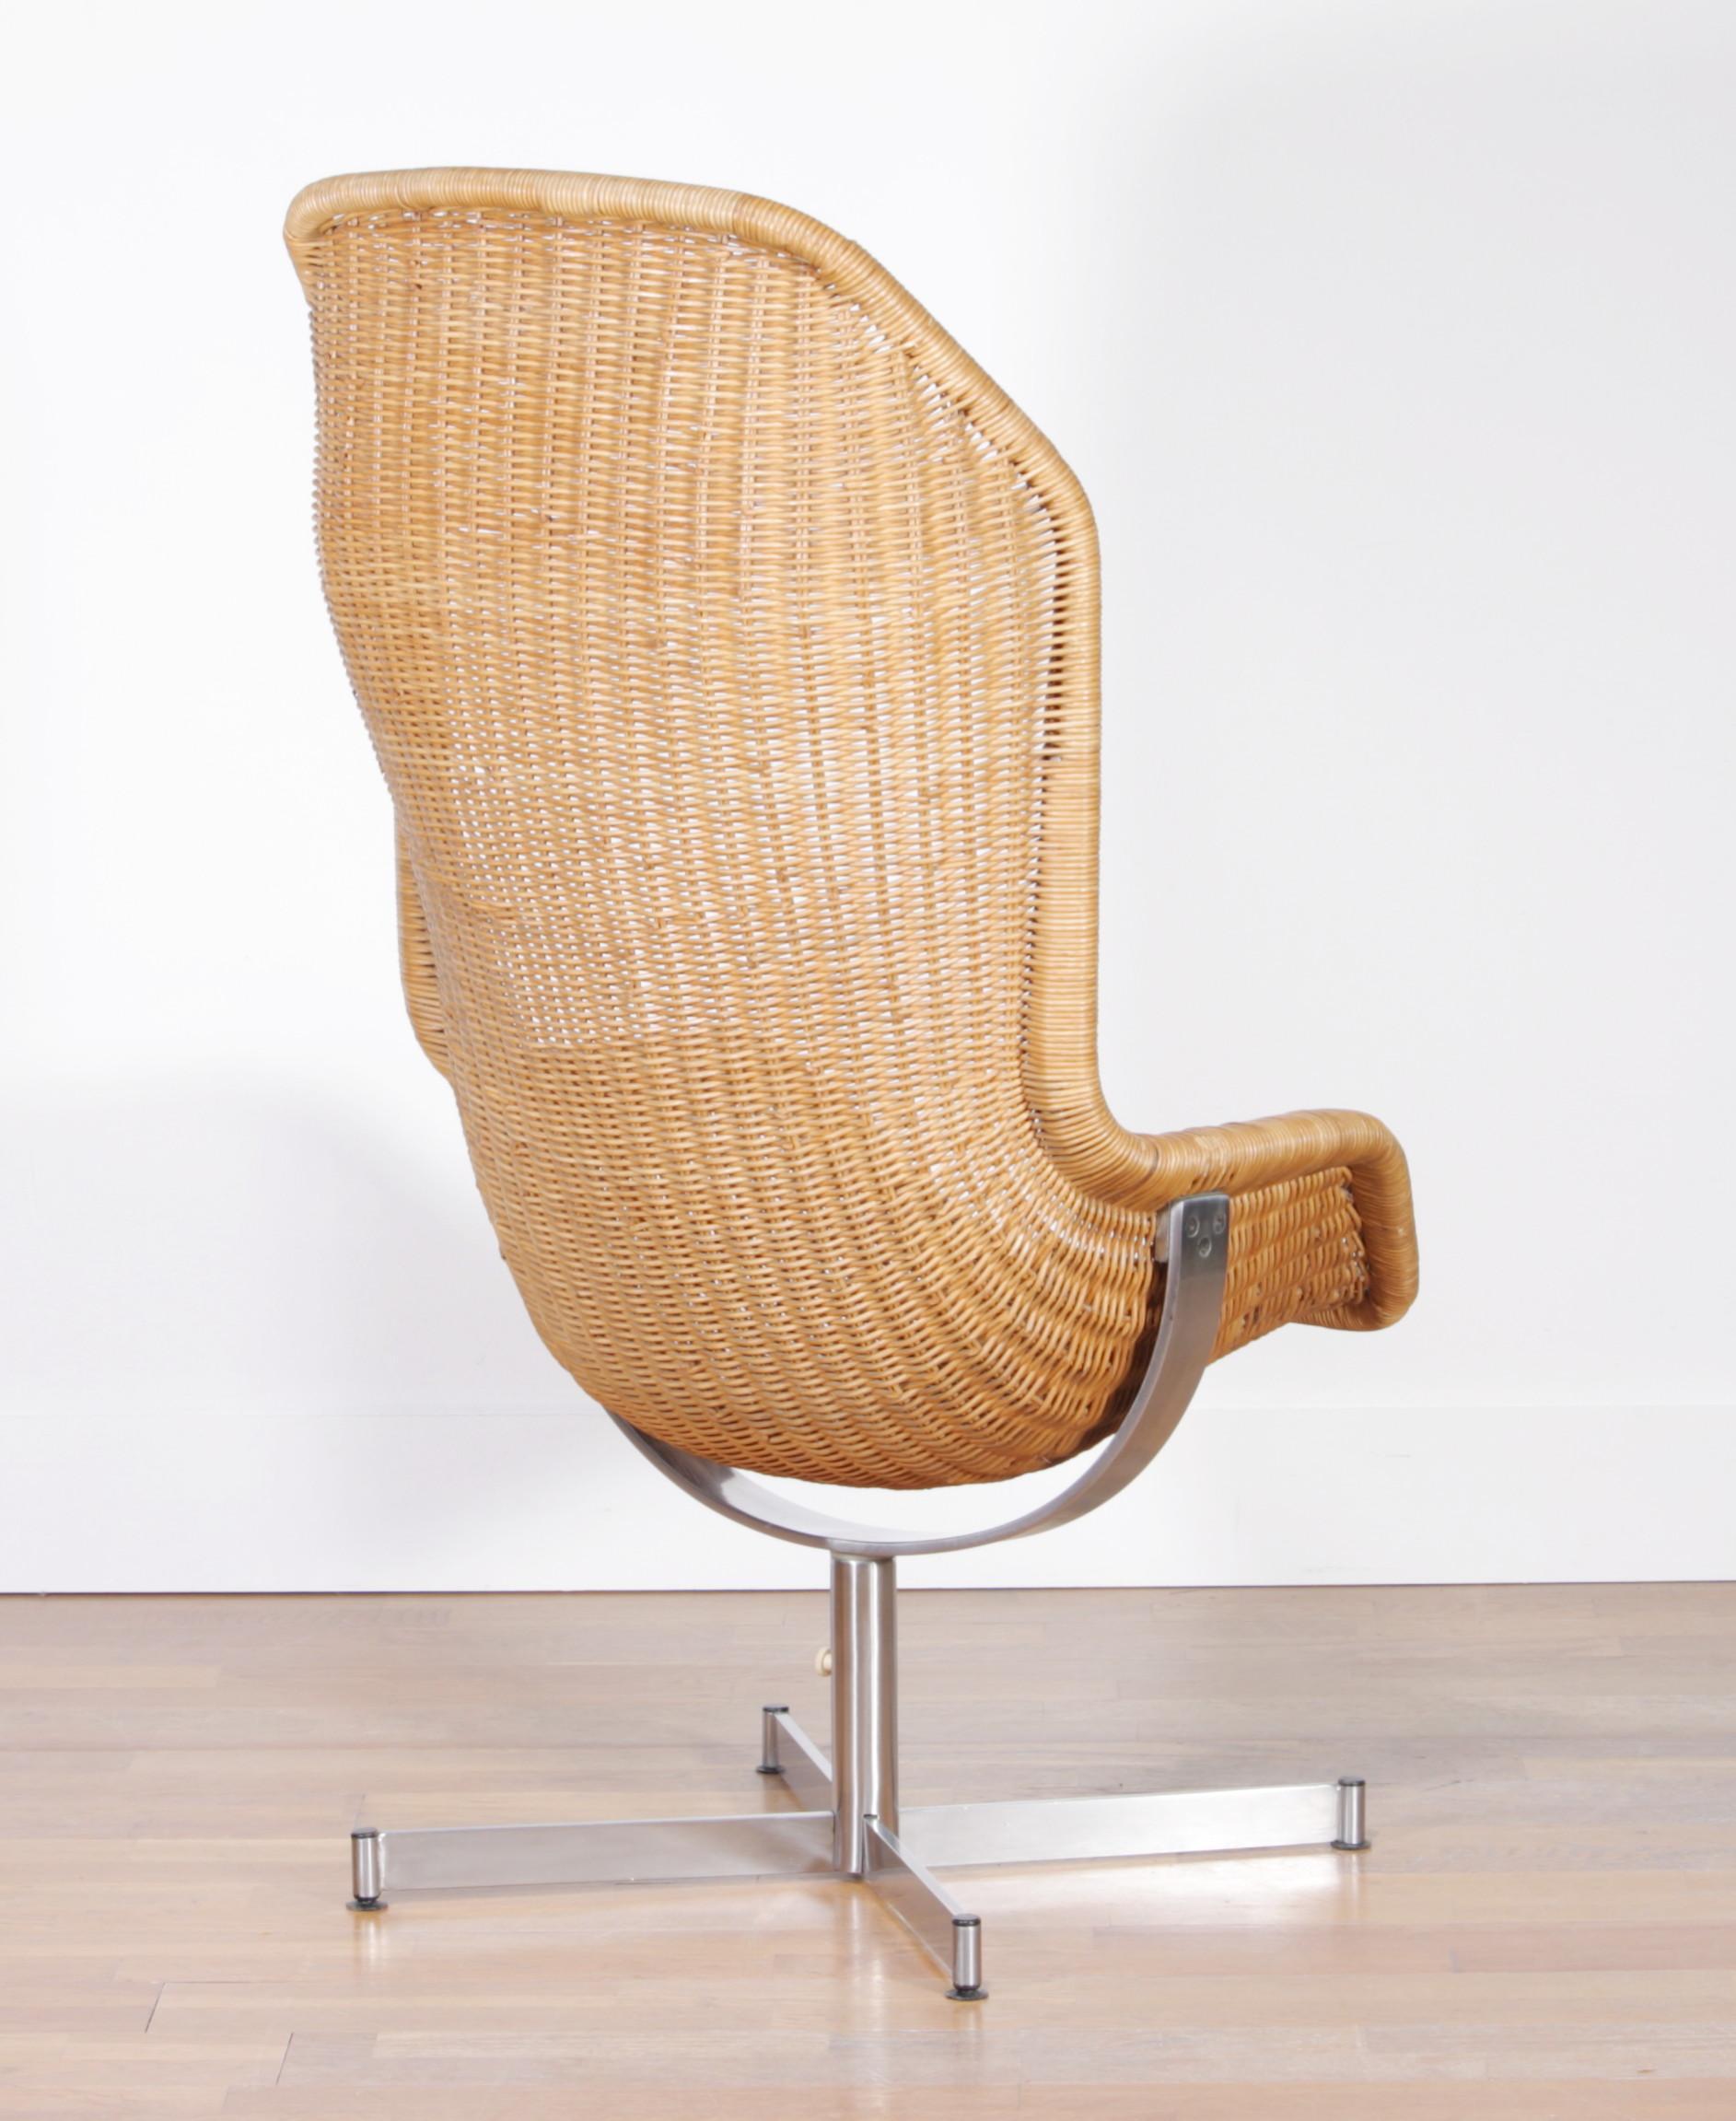 Dutch 1960s, Swivel Rattan Chair By Dirk Van Sliedregt For Gebroeders  Jonkers For Sale